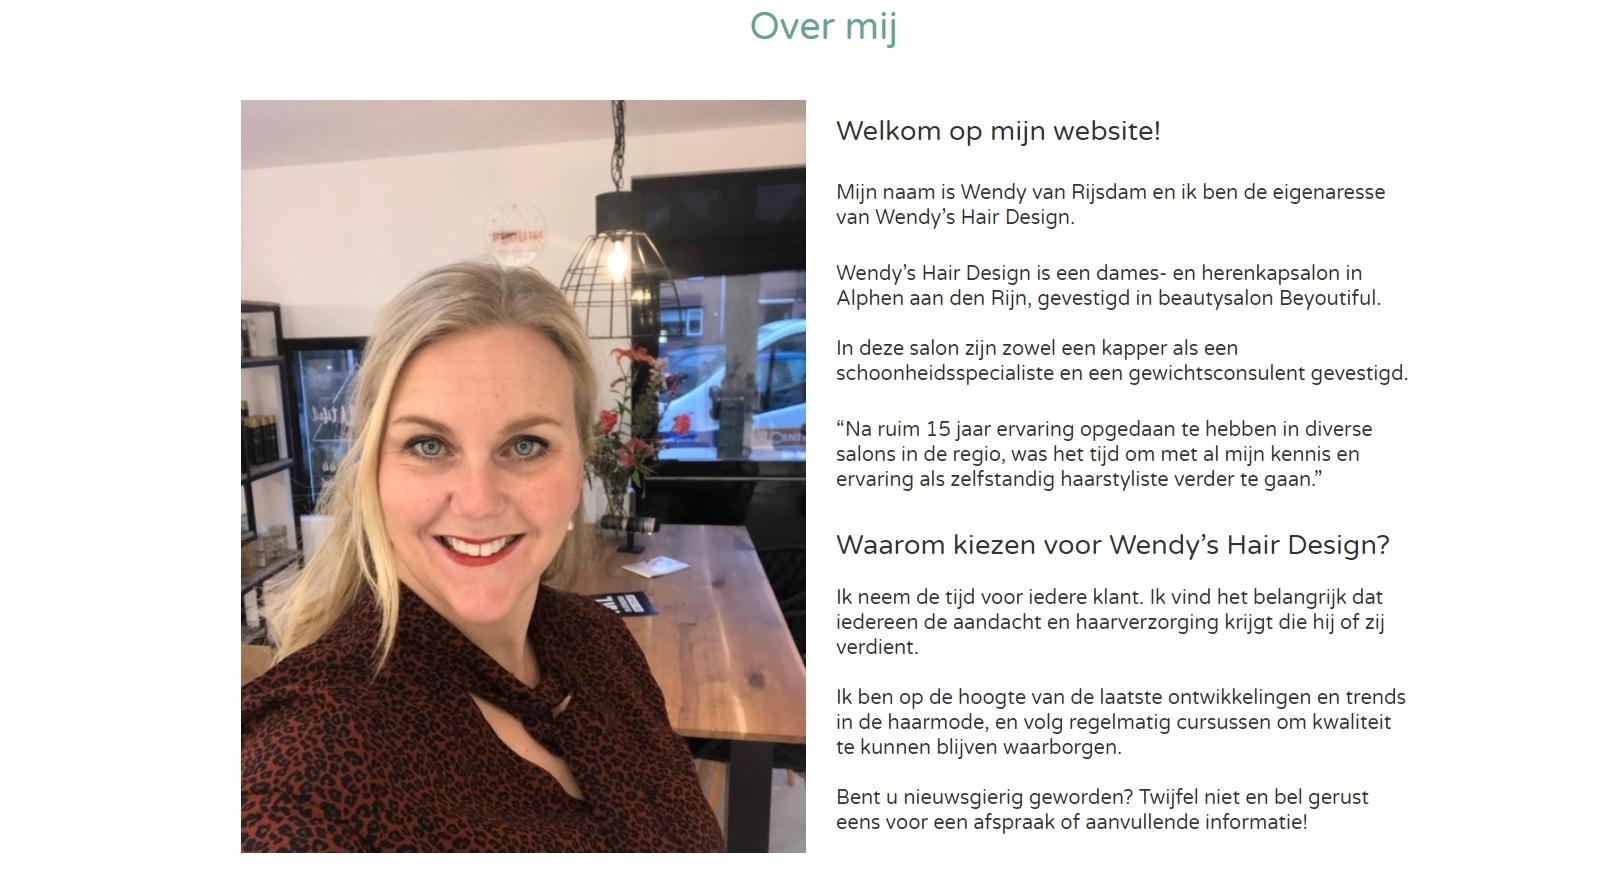 Eindresultaat foto voor het project Clecon. Sync-development Alphen aan den Rijn.